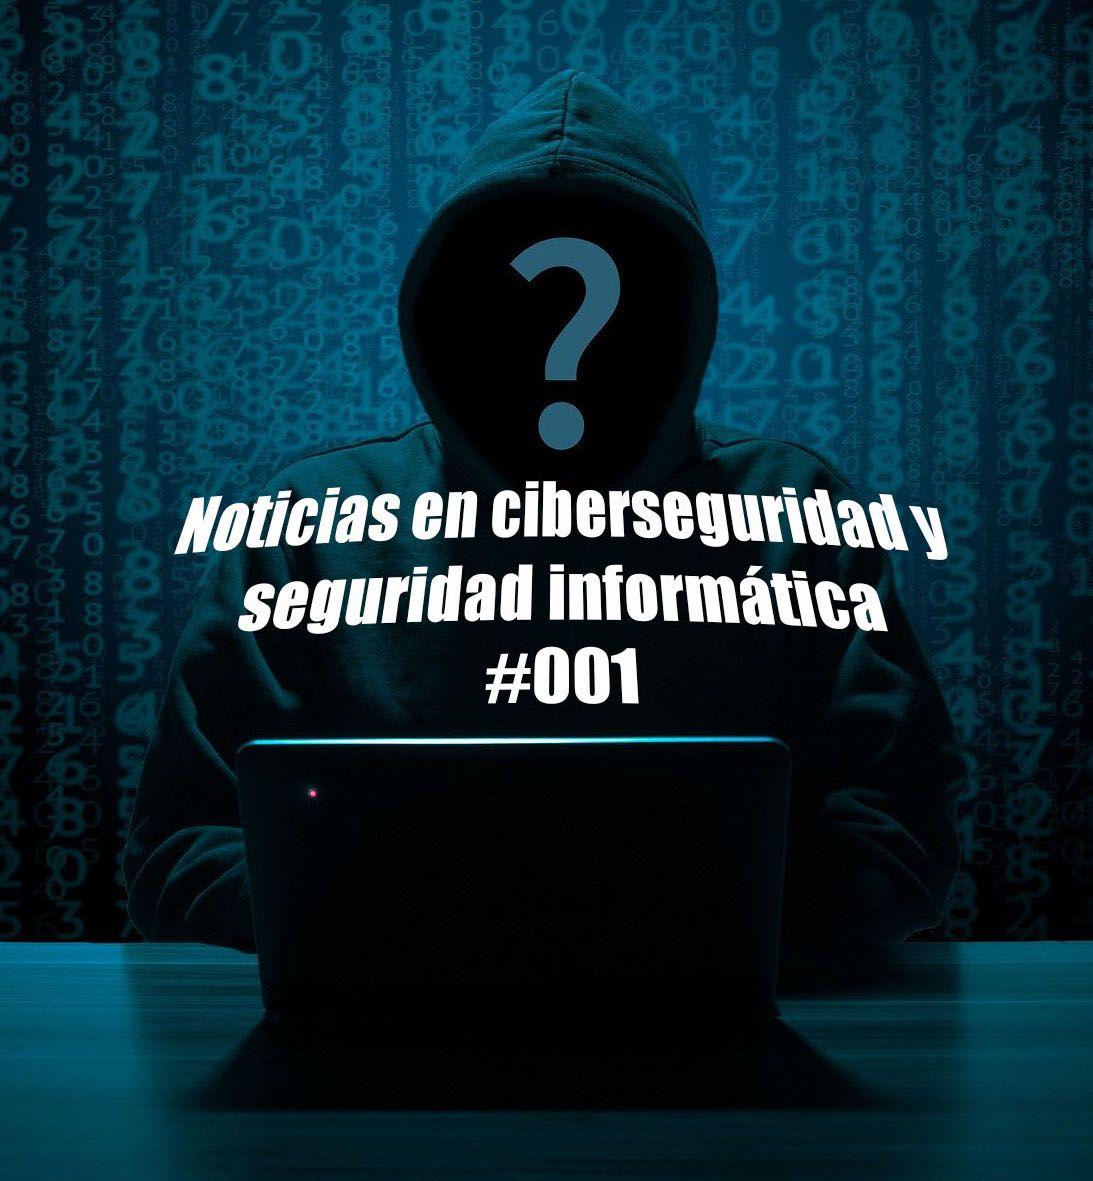 Noticias en ciberseguridad y seguridad informática #001